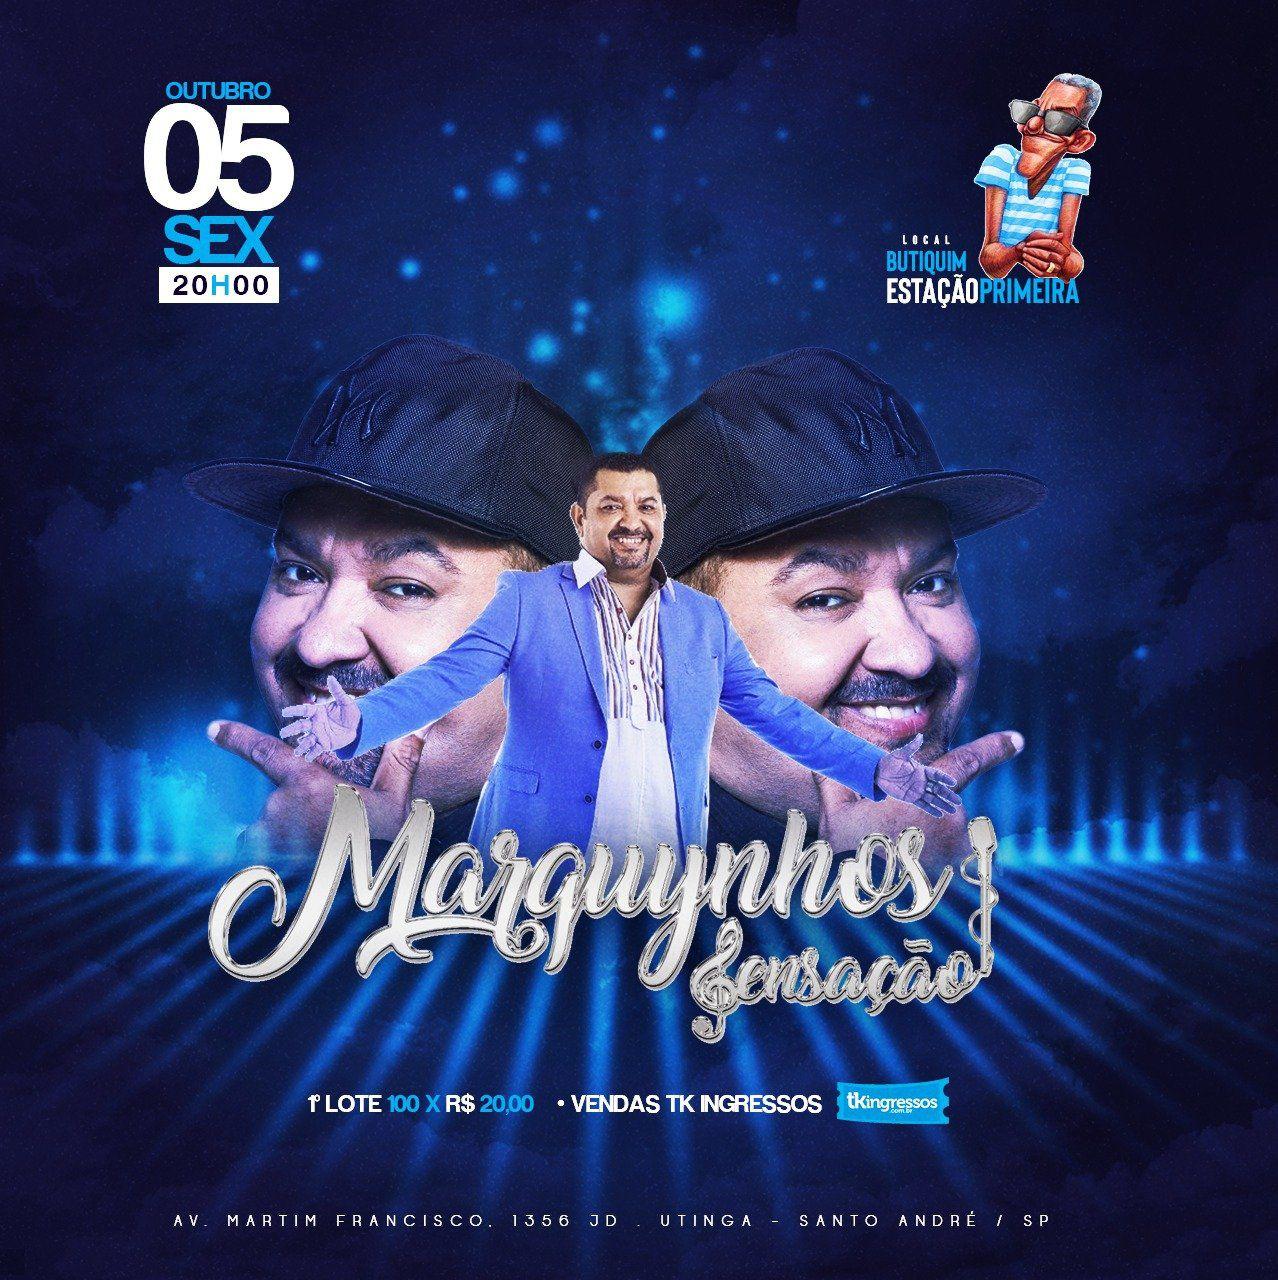 Marquynhos Sensação - 05/10/18 - Santo André - SP